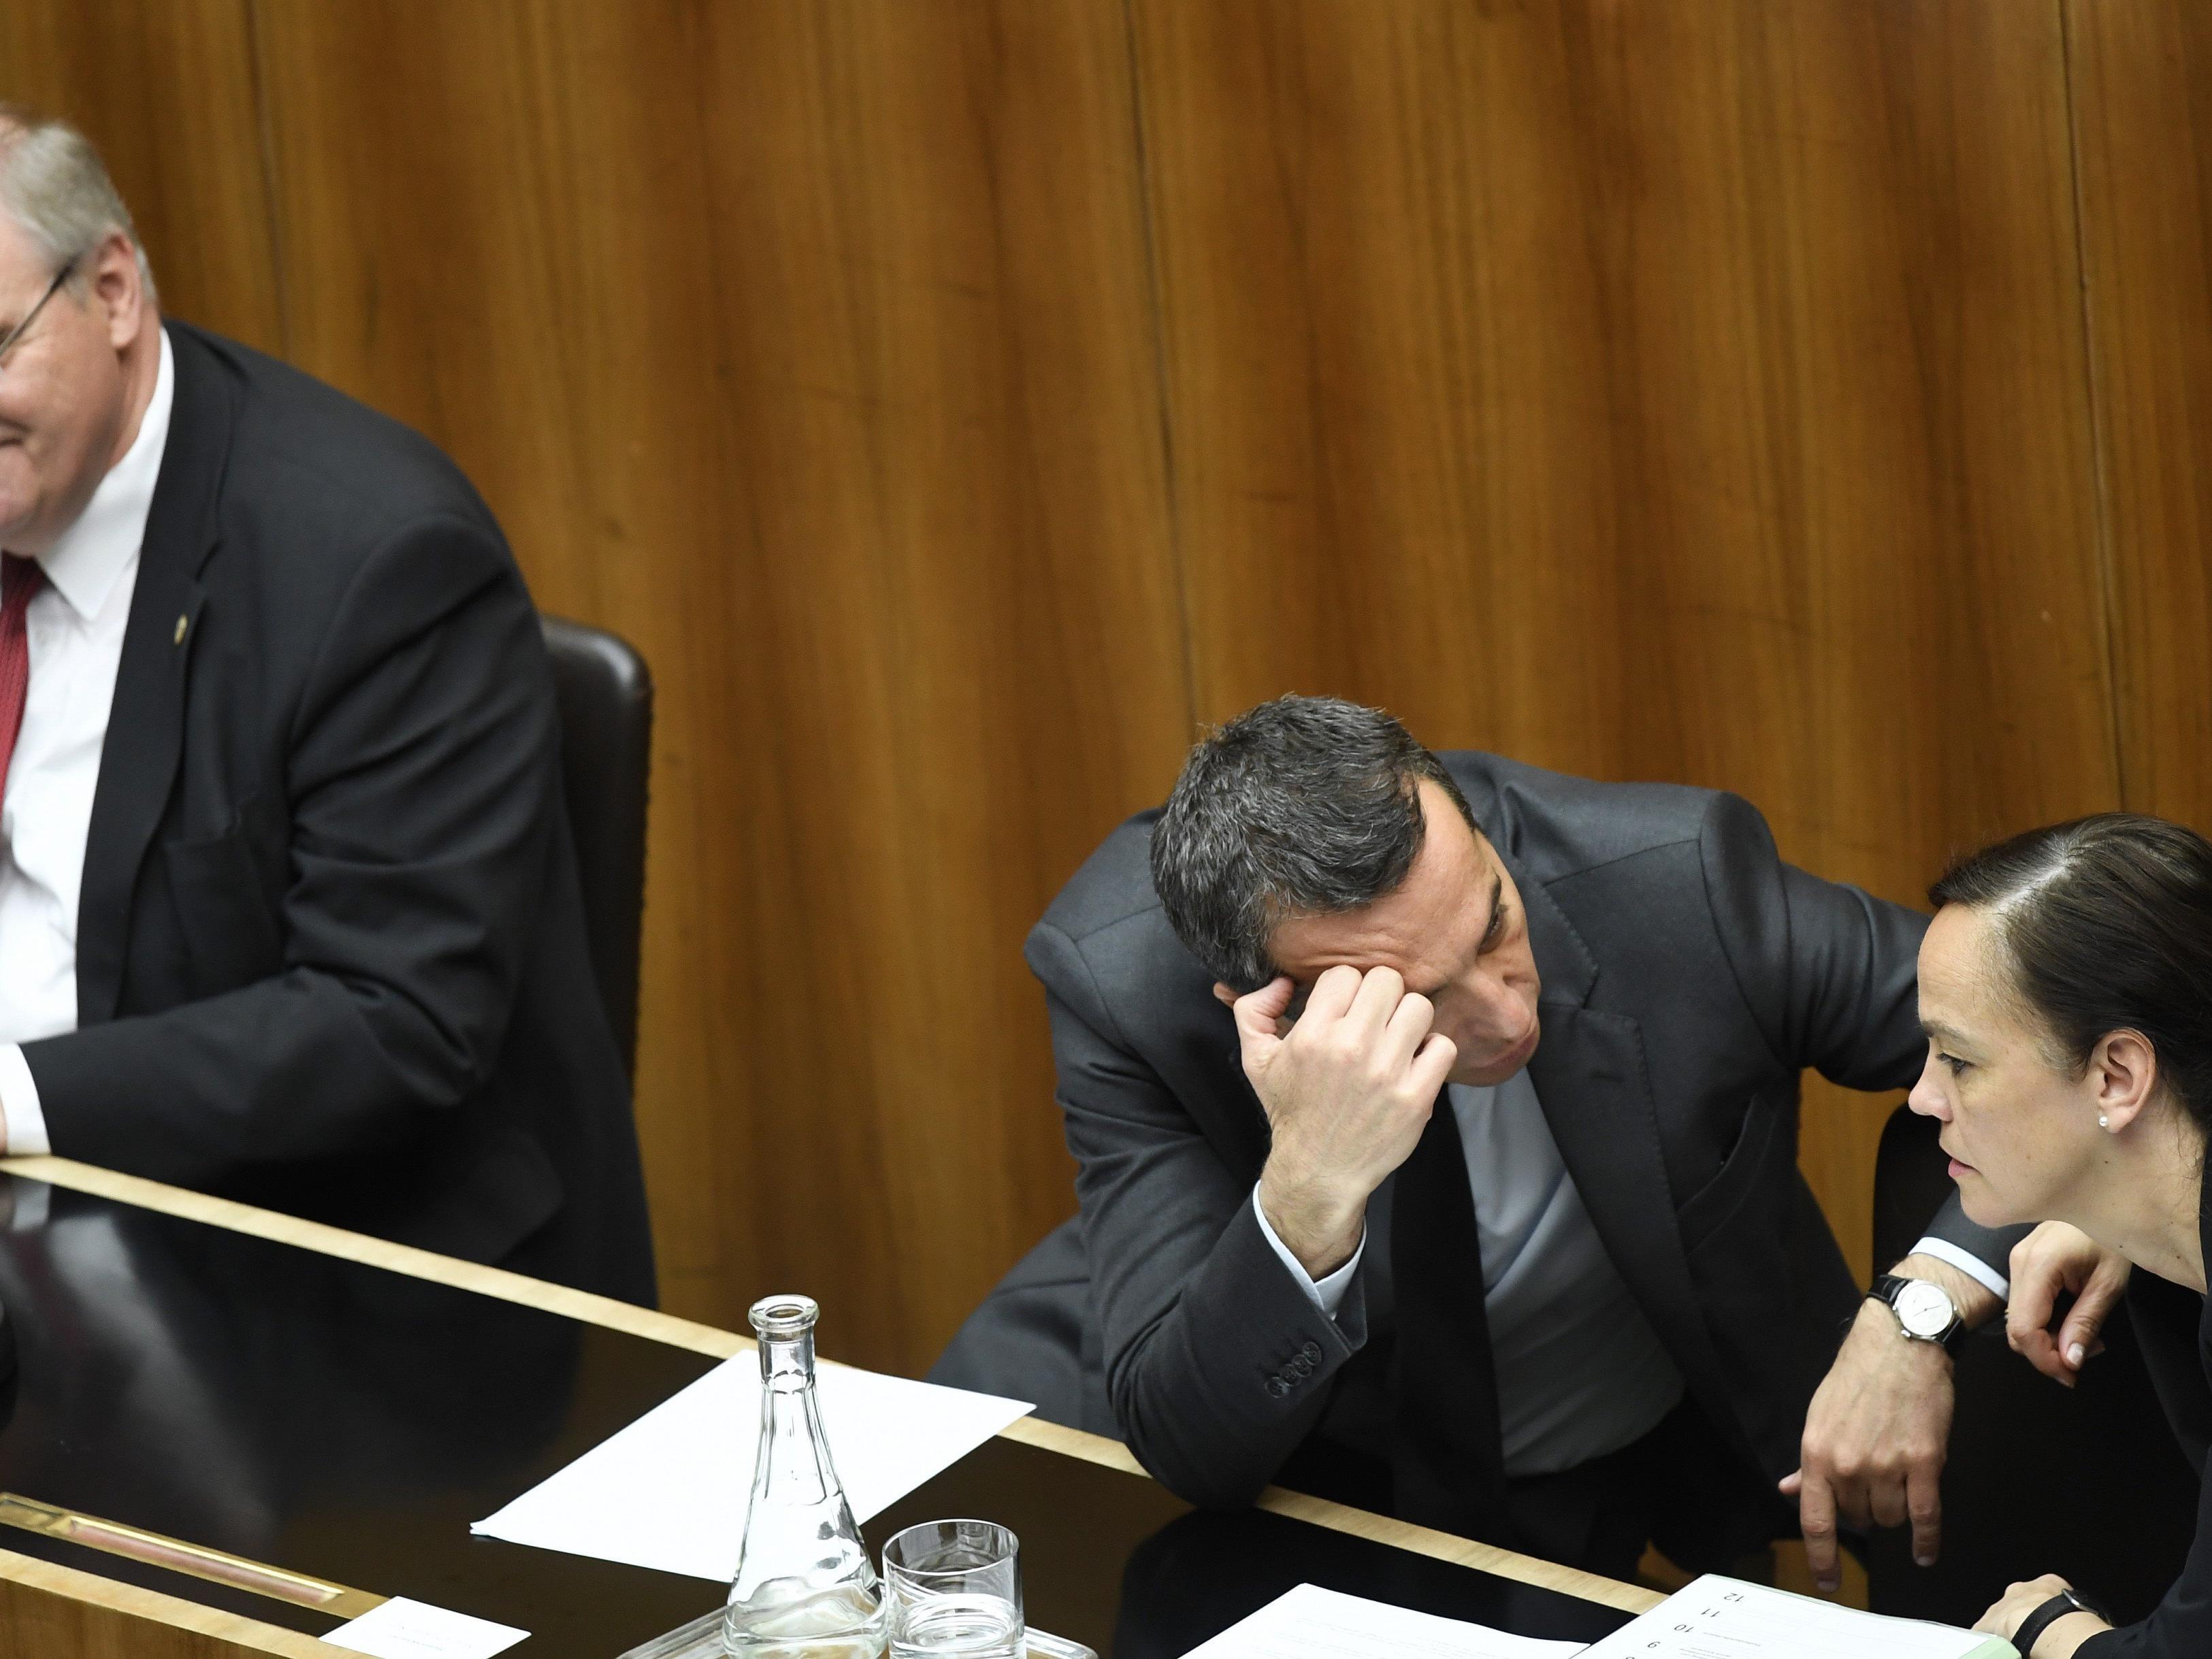 Von links: Vizekanzler, Bundeskanzler und Bildungsministerin im Parlament.